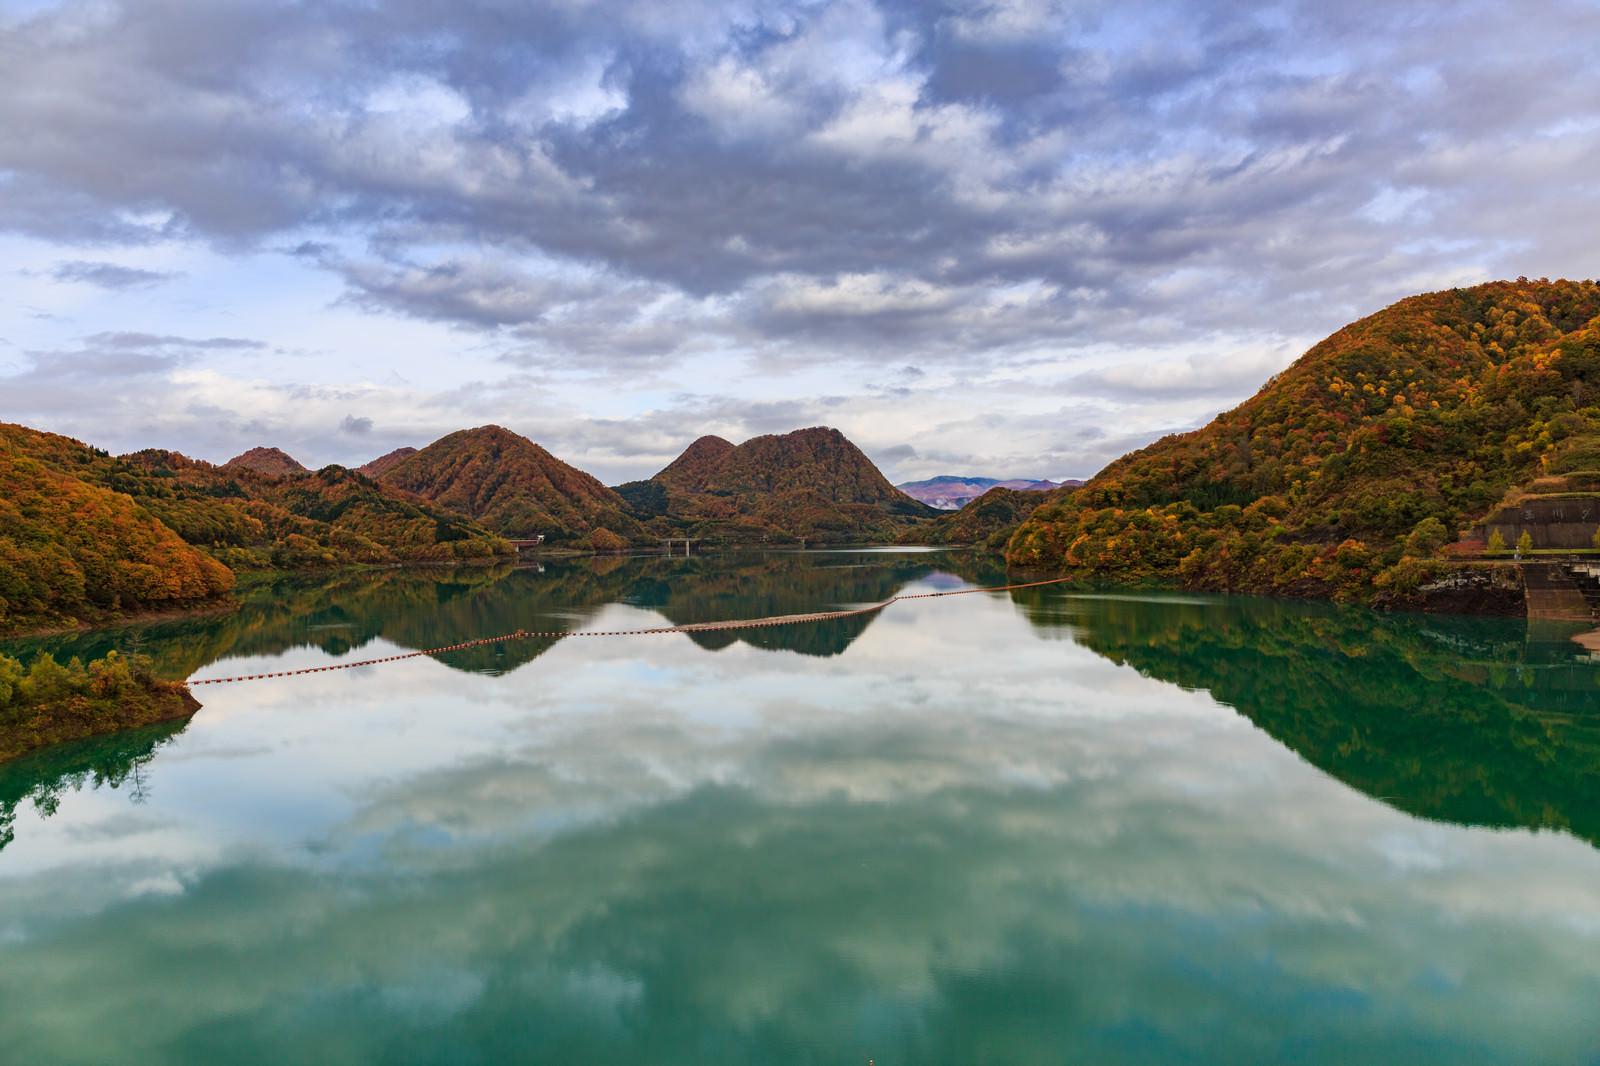 「緑色の水の玉川ダム湖」の写真